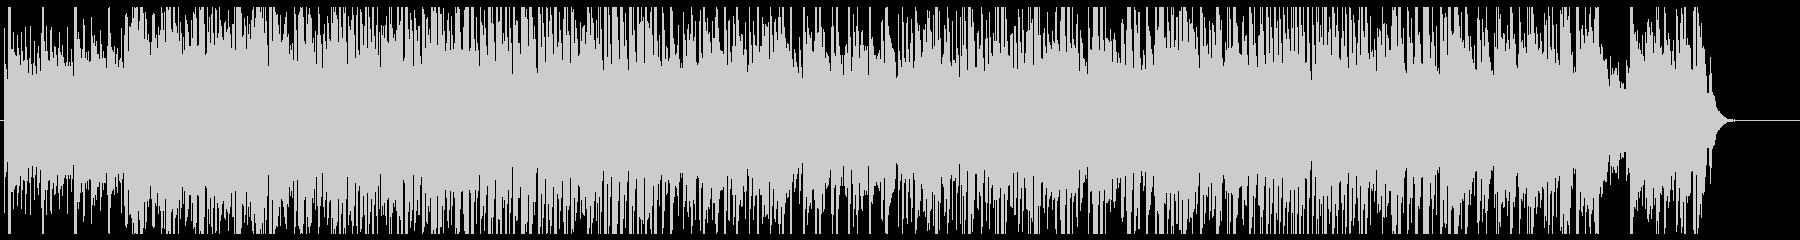 Jingle Bellsのメタルカバーの未再生の波形